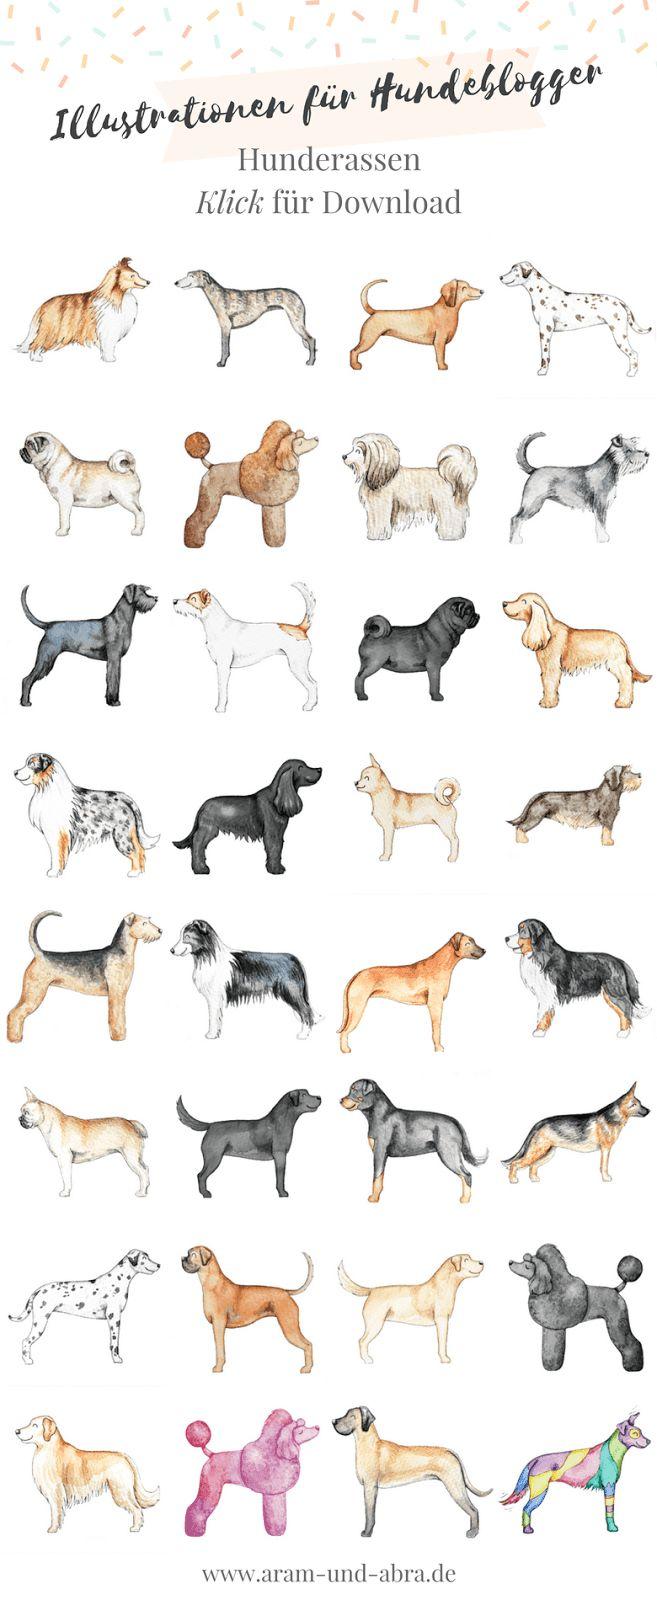 Illustrationen für Hundeblogger, Teil 2: Hunderassen | Aquarell, Hunde, zeichnen, Grafiken, Aram und Abra